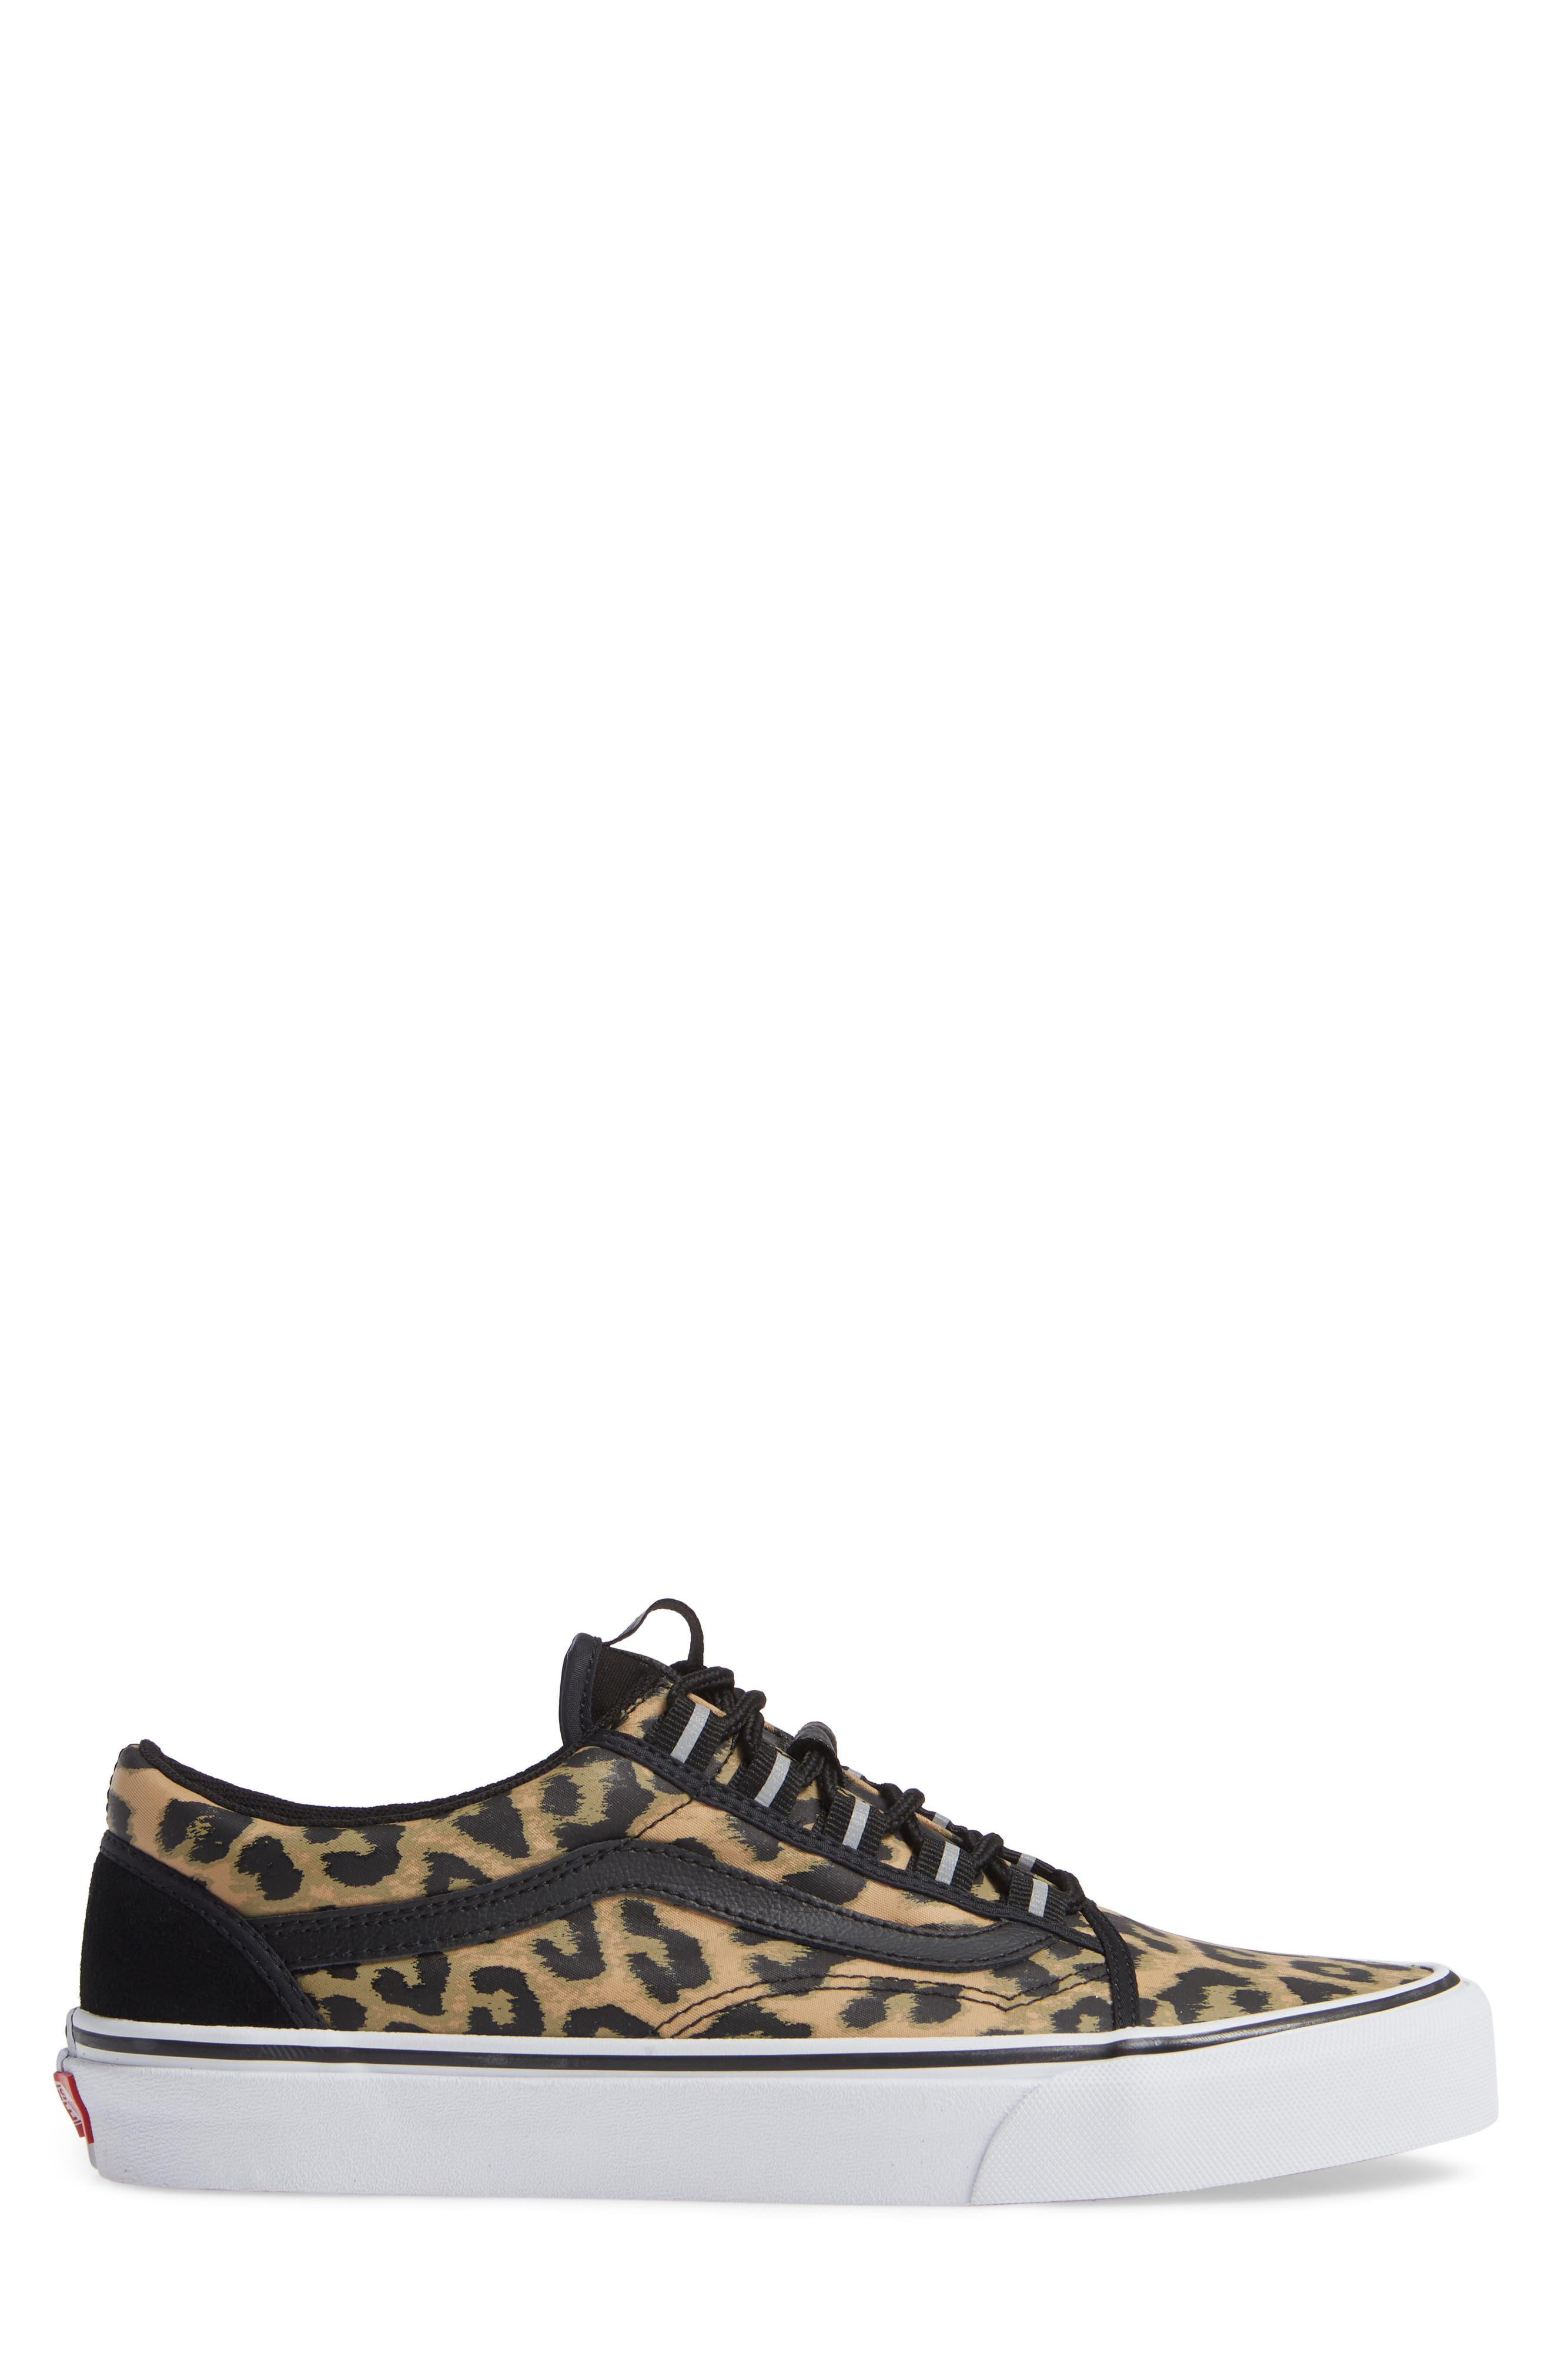 Old Skool Ghillie Sneaker,                             Alternate thumbnail 3, color,                             BLACK NYLON/ LEOPARD NYLON